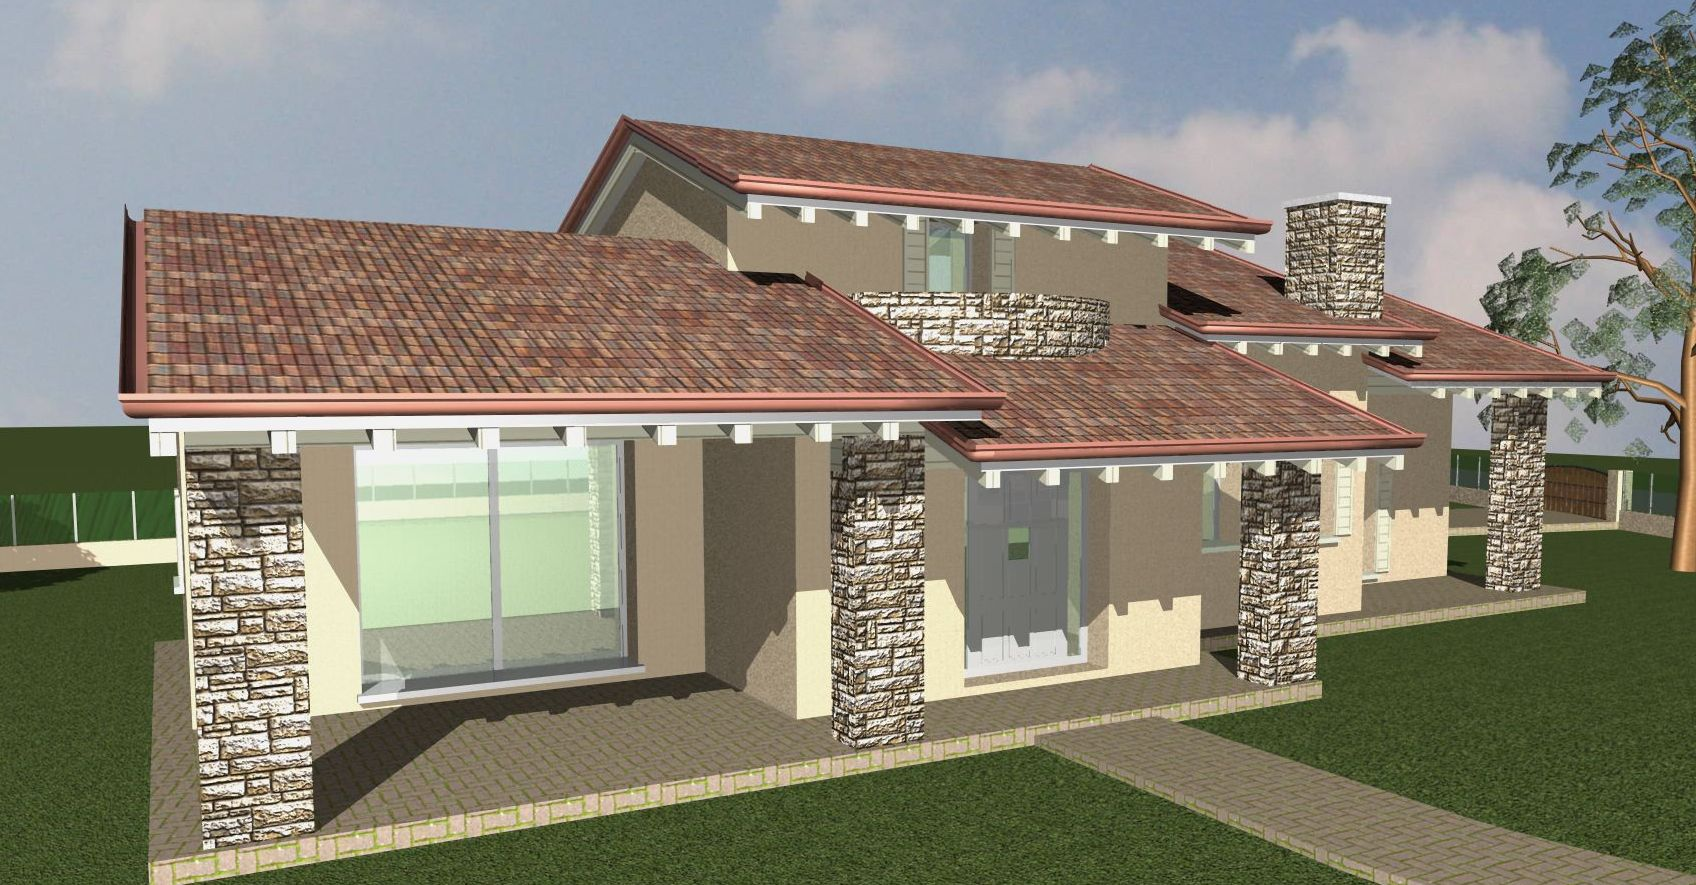 Progetto fabbricato unifamiliare progetti costruzione case for Programma per progettare casa 3d